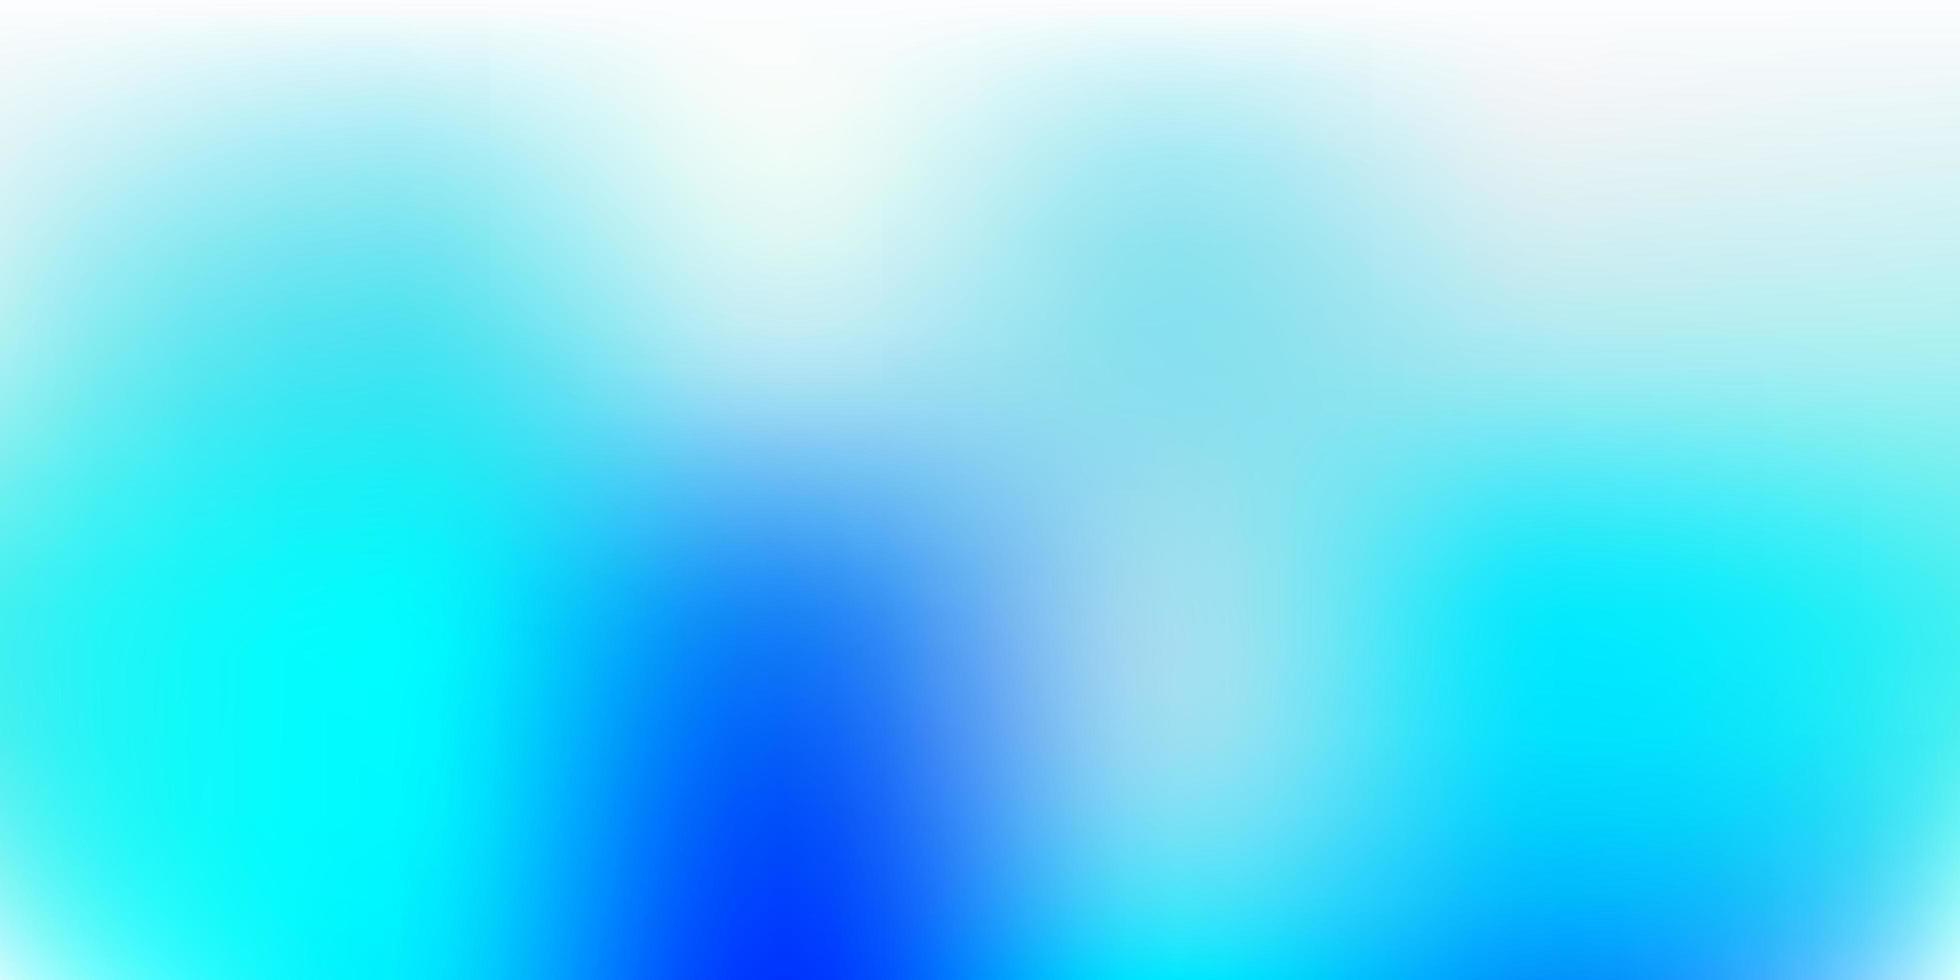 dessin flou vectoriel bleu clair.